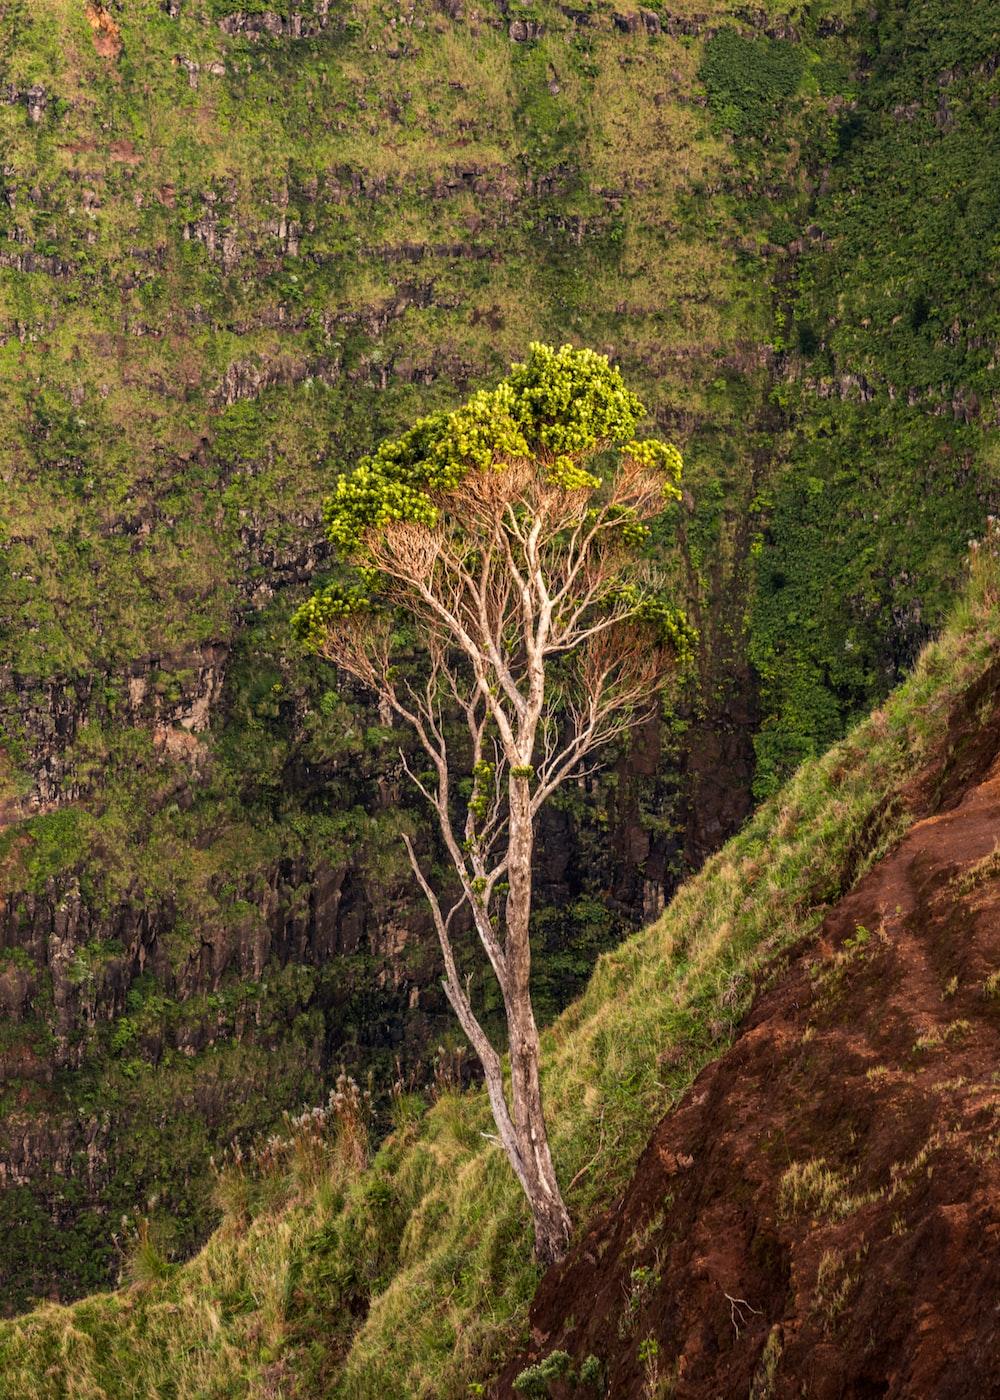 tree during daytime